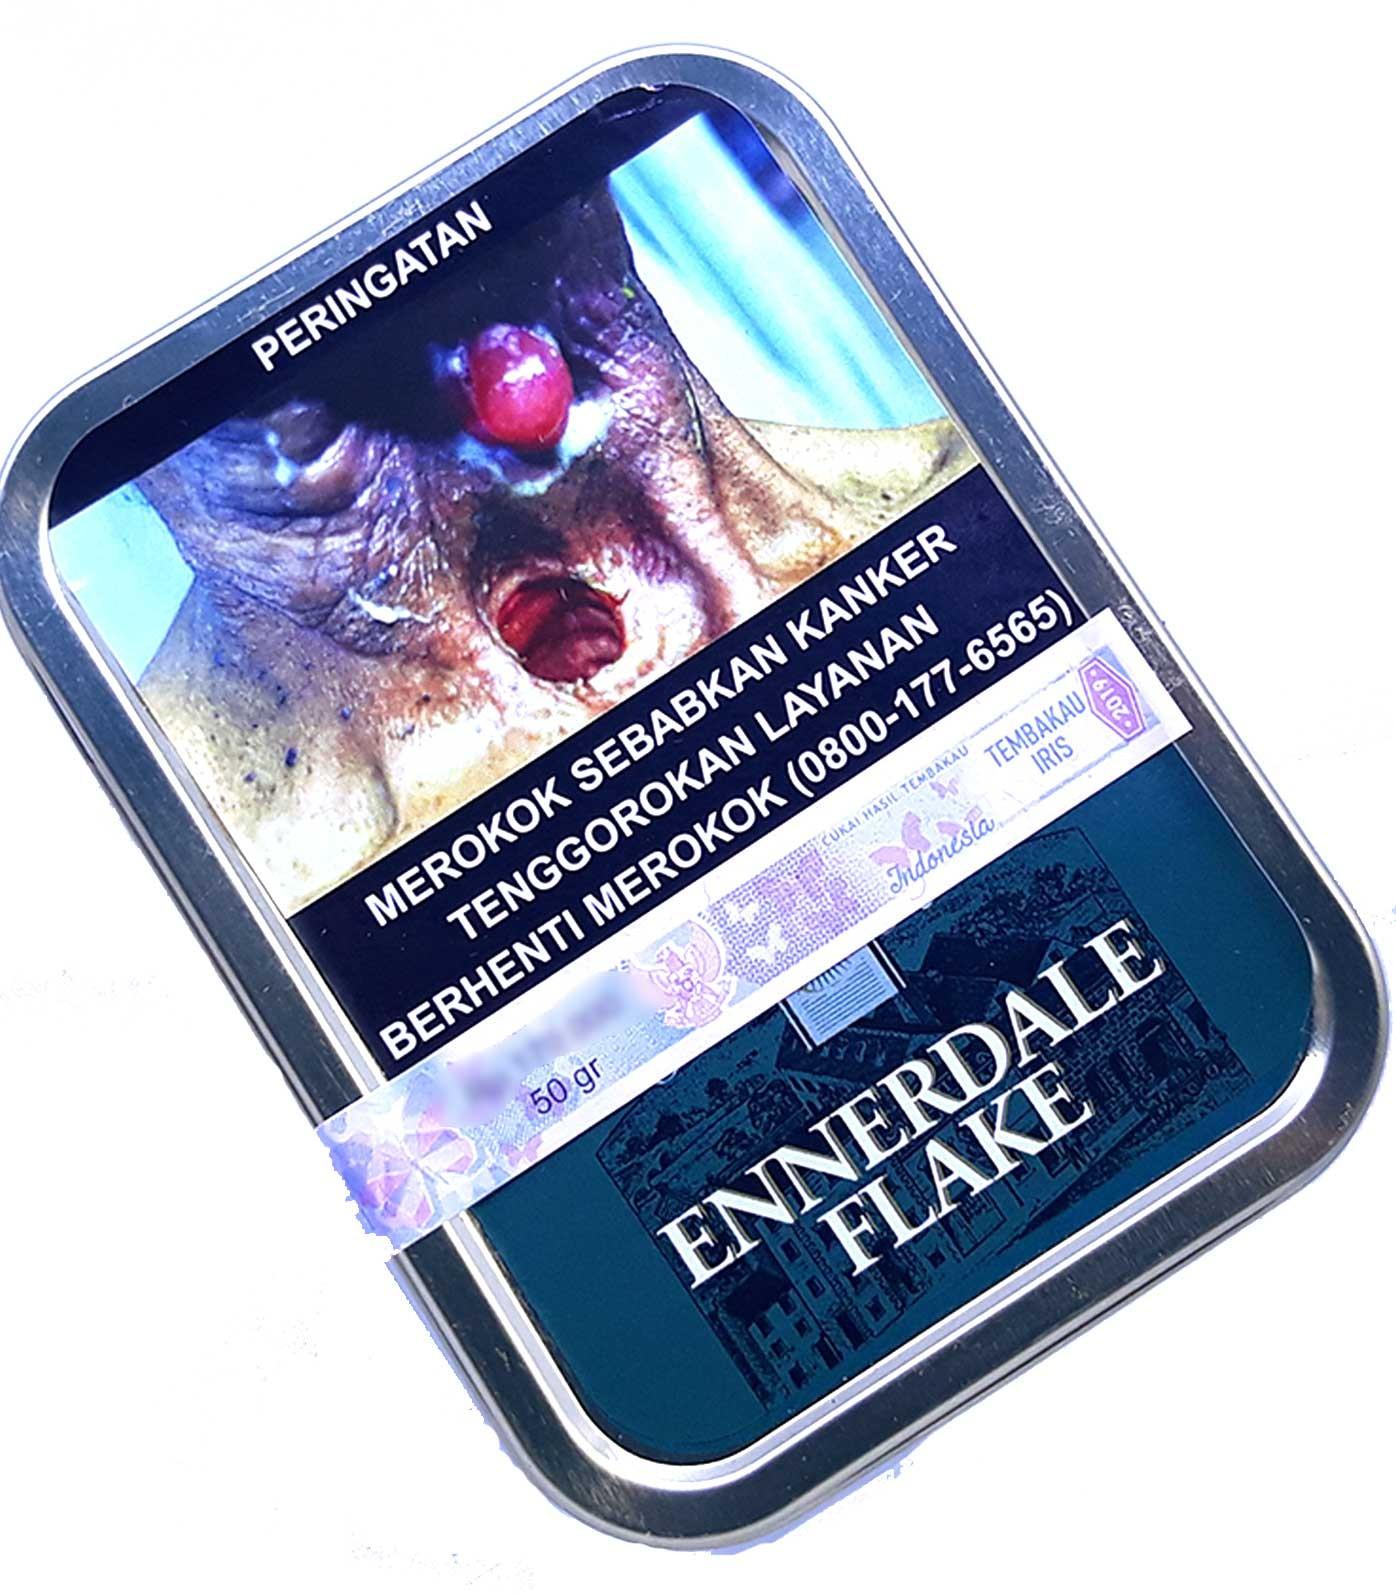 Gawith Hoggarth & Co Ennerdale Flake Pipe Tobacco